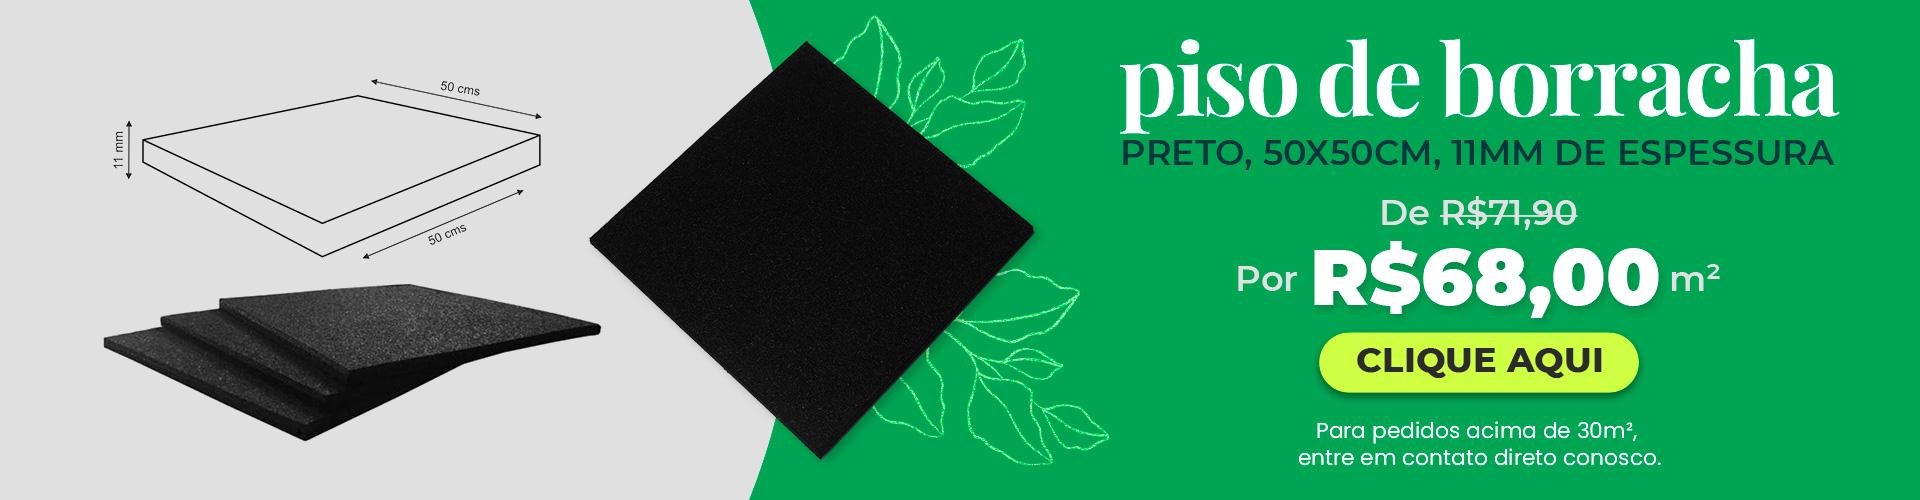 11 mm preto Promoção